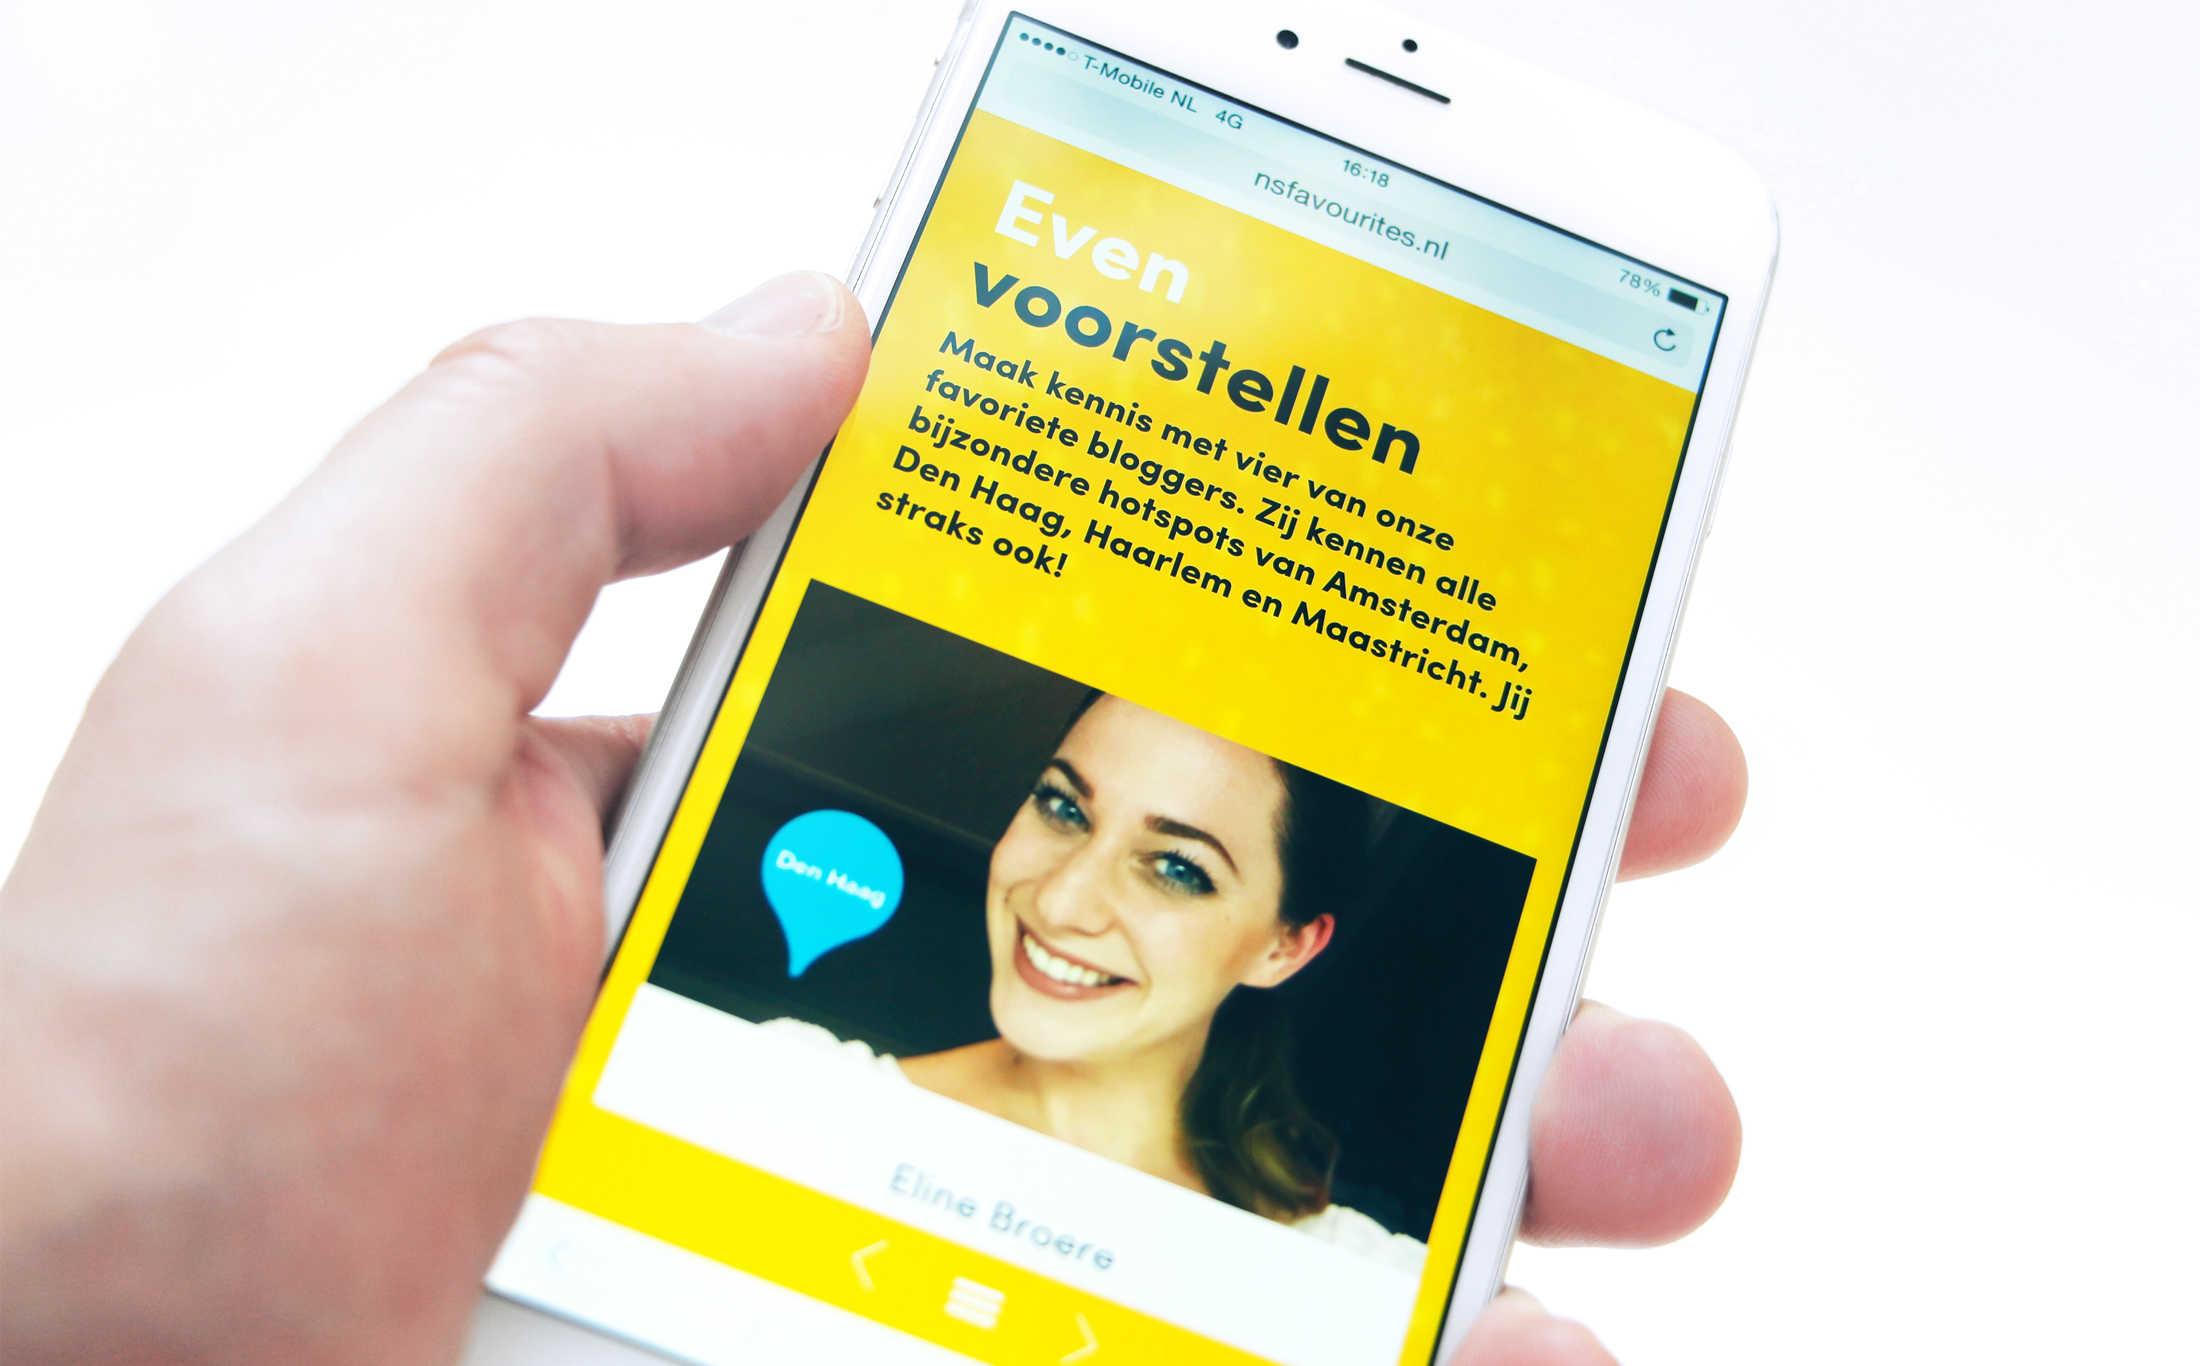 Online magazine #nsfavourites NS DutchGiraffe